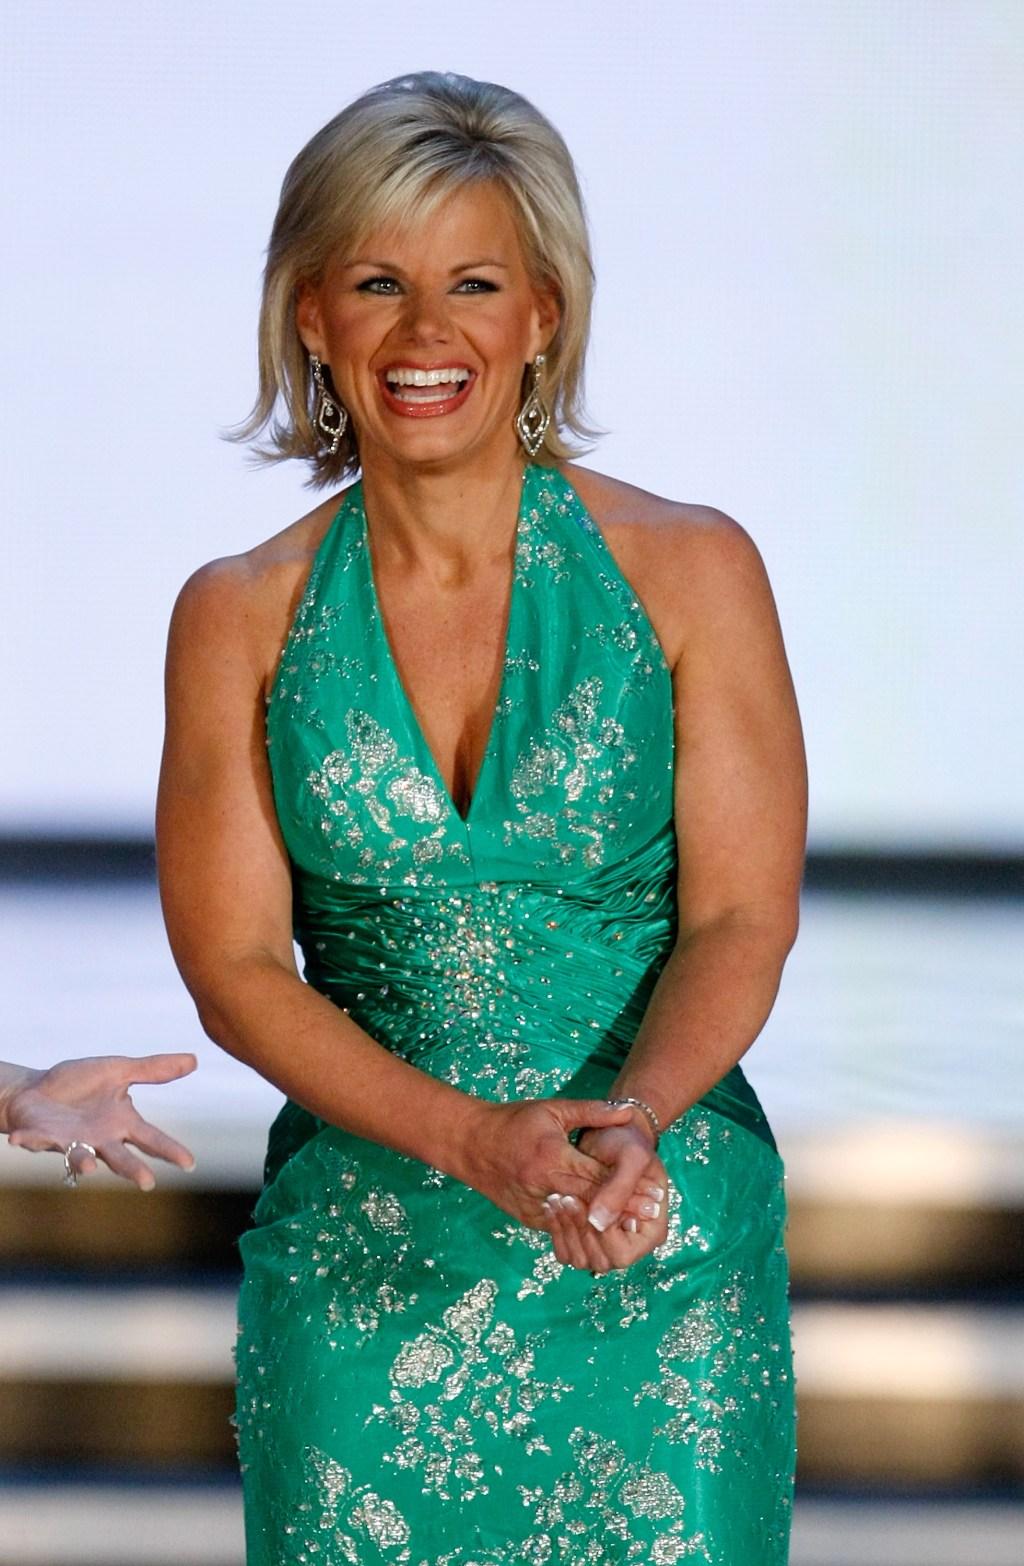 Gretchen Carlosn, Miss America 1989, en la ceremonio de Miss America 2010 en Las Vegas.